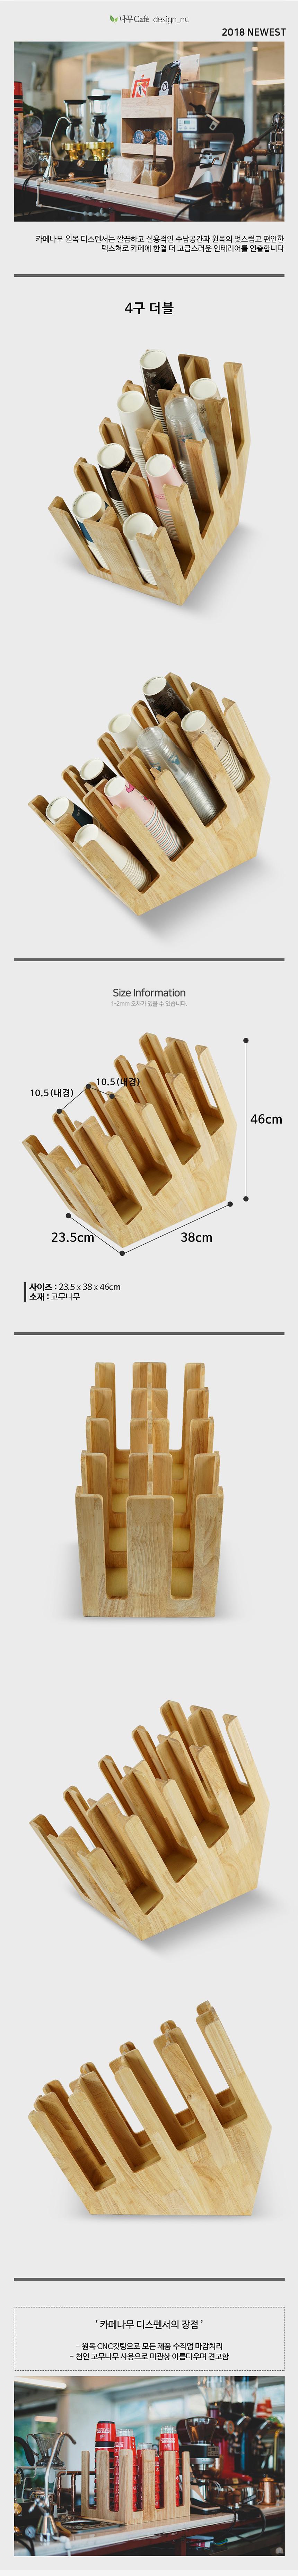 원목 8구컵 디스펜서 - 디자인엔씨, 84,550원, 주방수납용품, 수납함